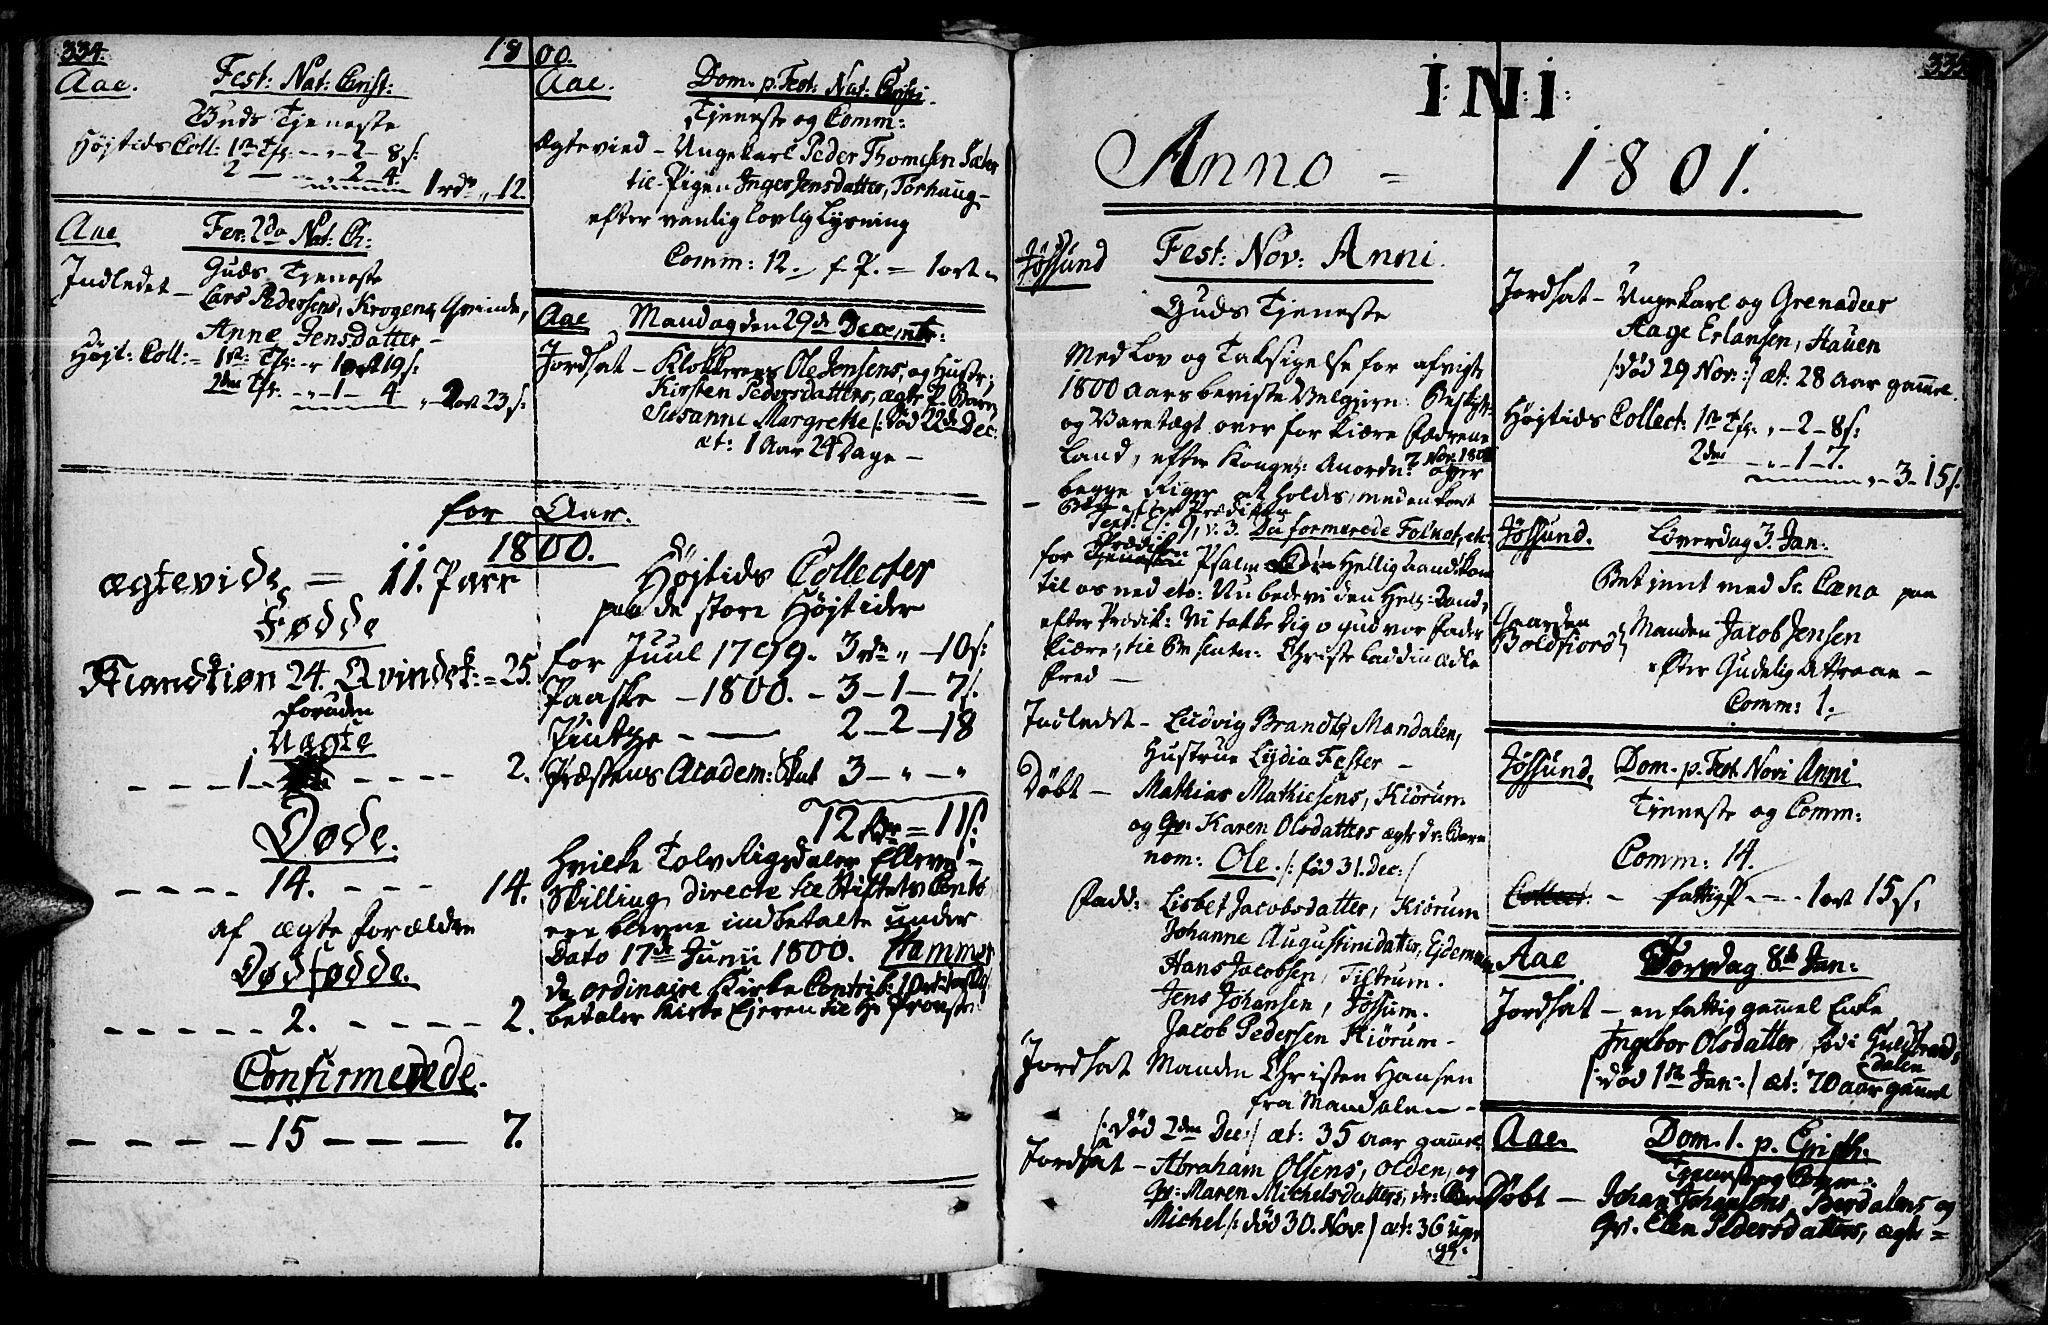 SAT, Ministerialprotokoller, klokkerbøker og fødselsregistre - Sør-Trøndelag, 655/L0673: Ministerialbok nr. 655A02, 1780-1801, s. 334-335